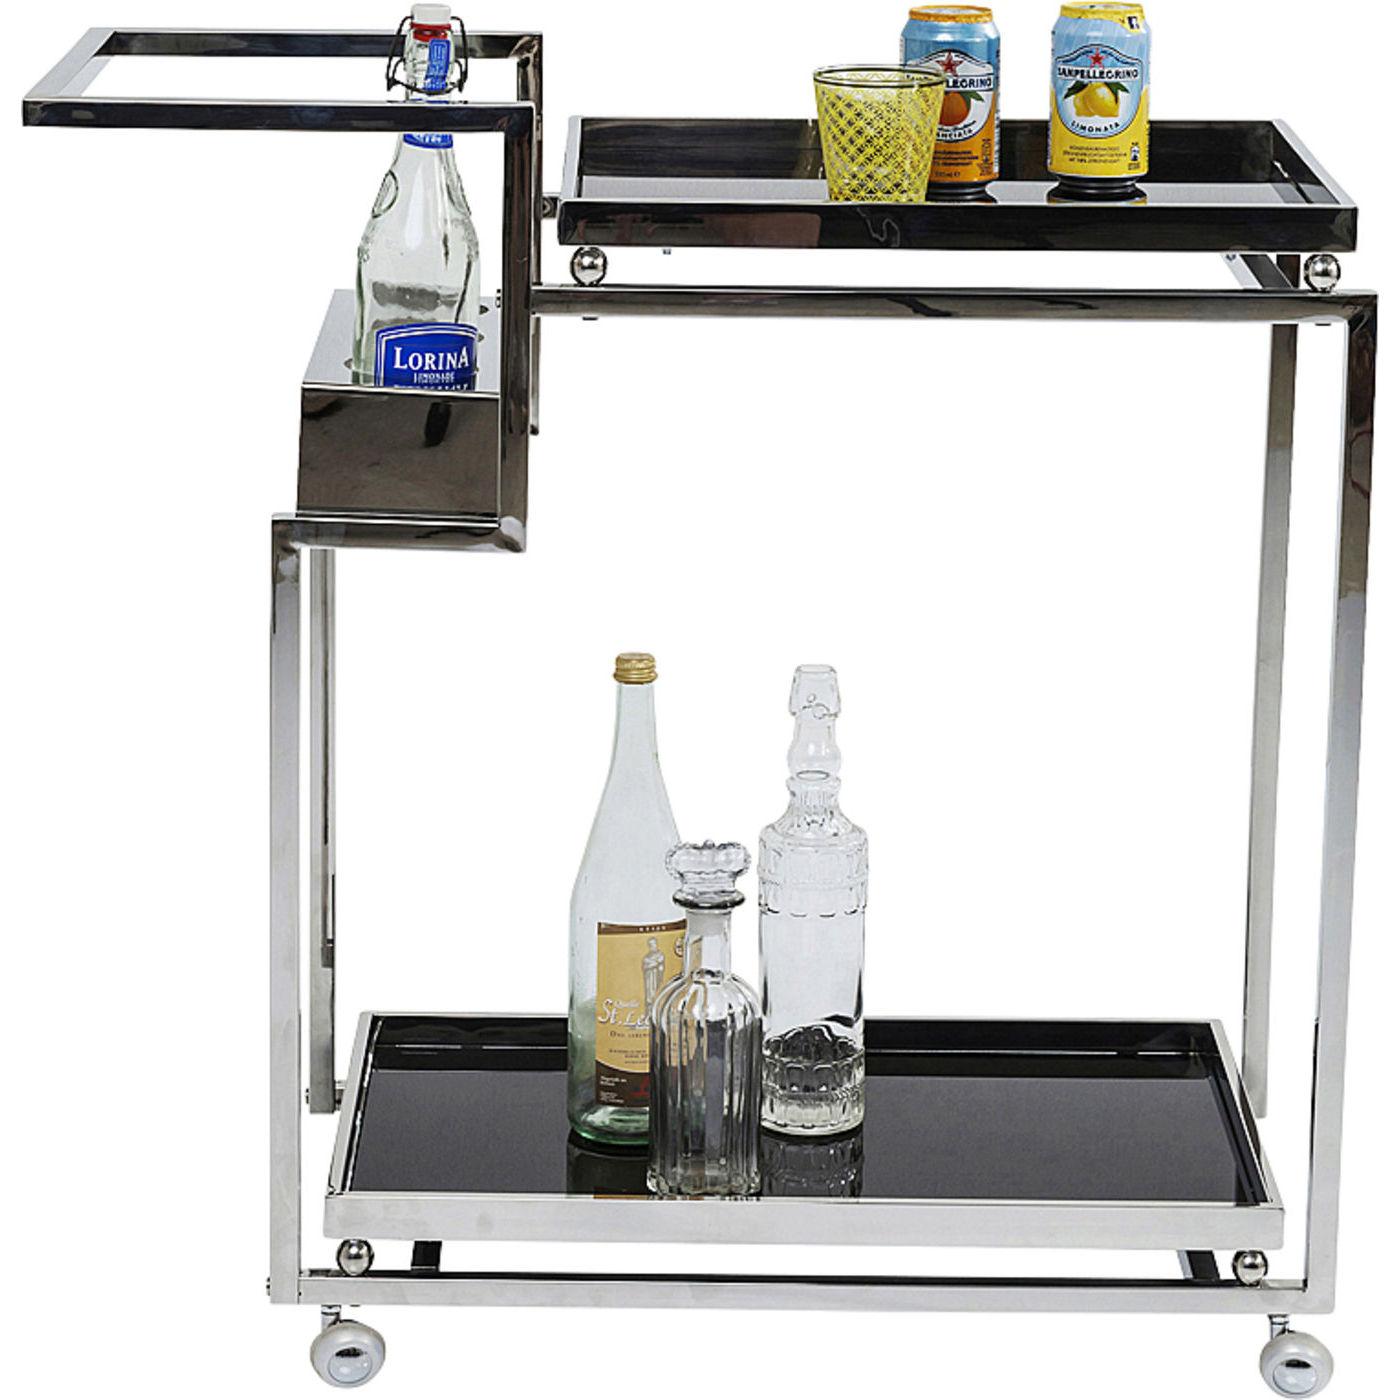 Kare design barfly silver rullebord - sølv og sort glas, m. 2 hylder og rum til 3 flasker fra kare design på boboonline.dk